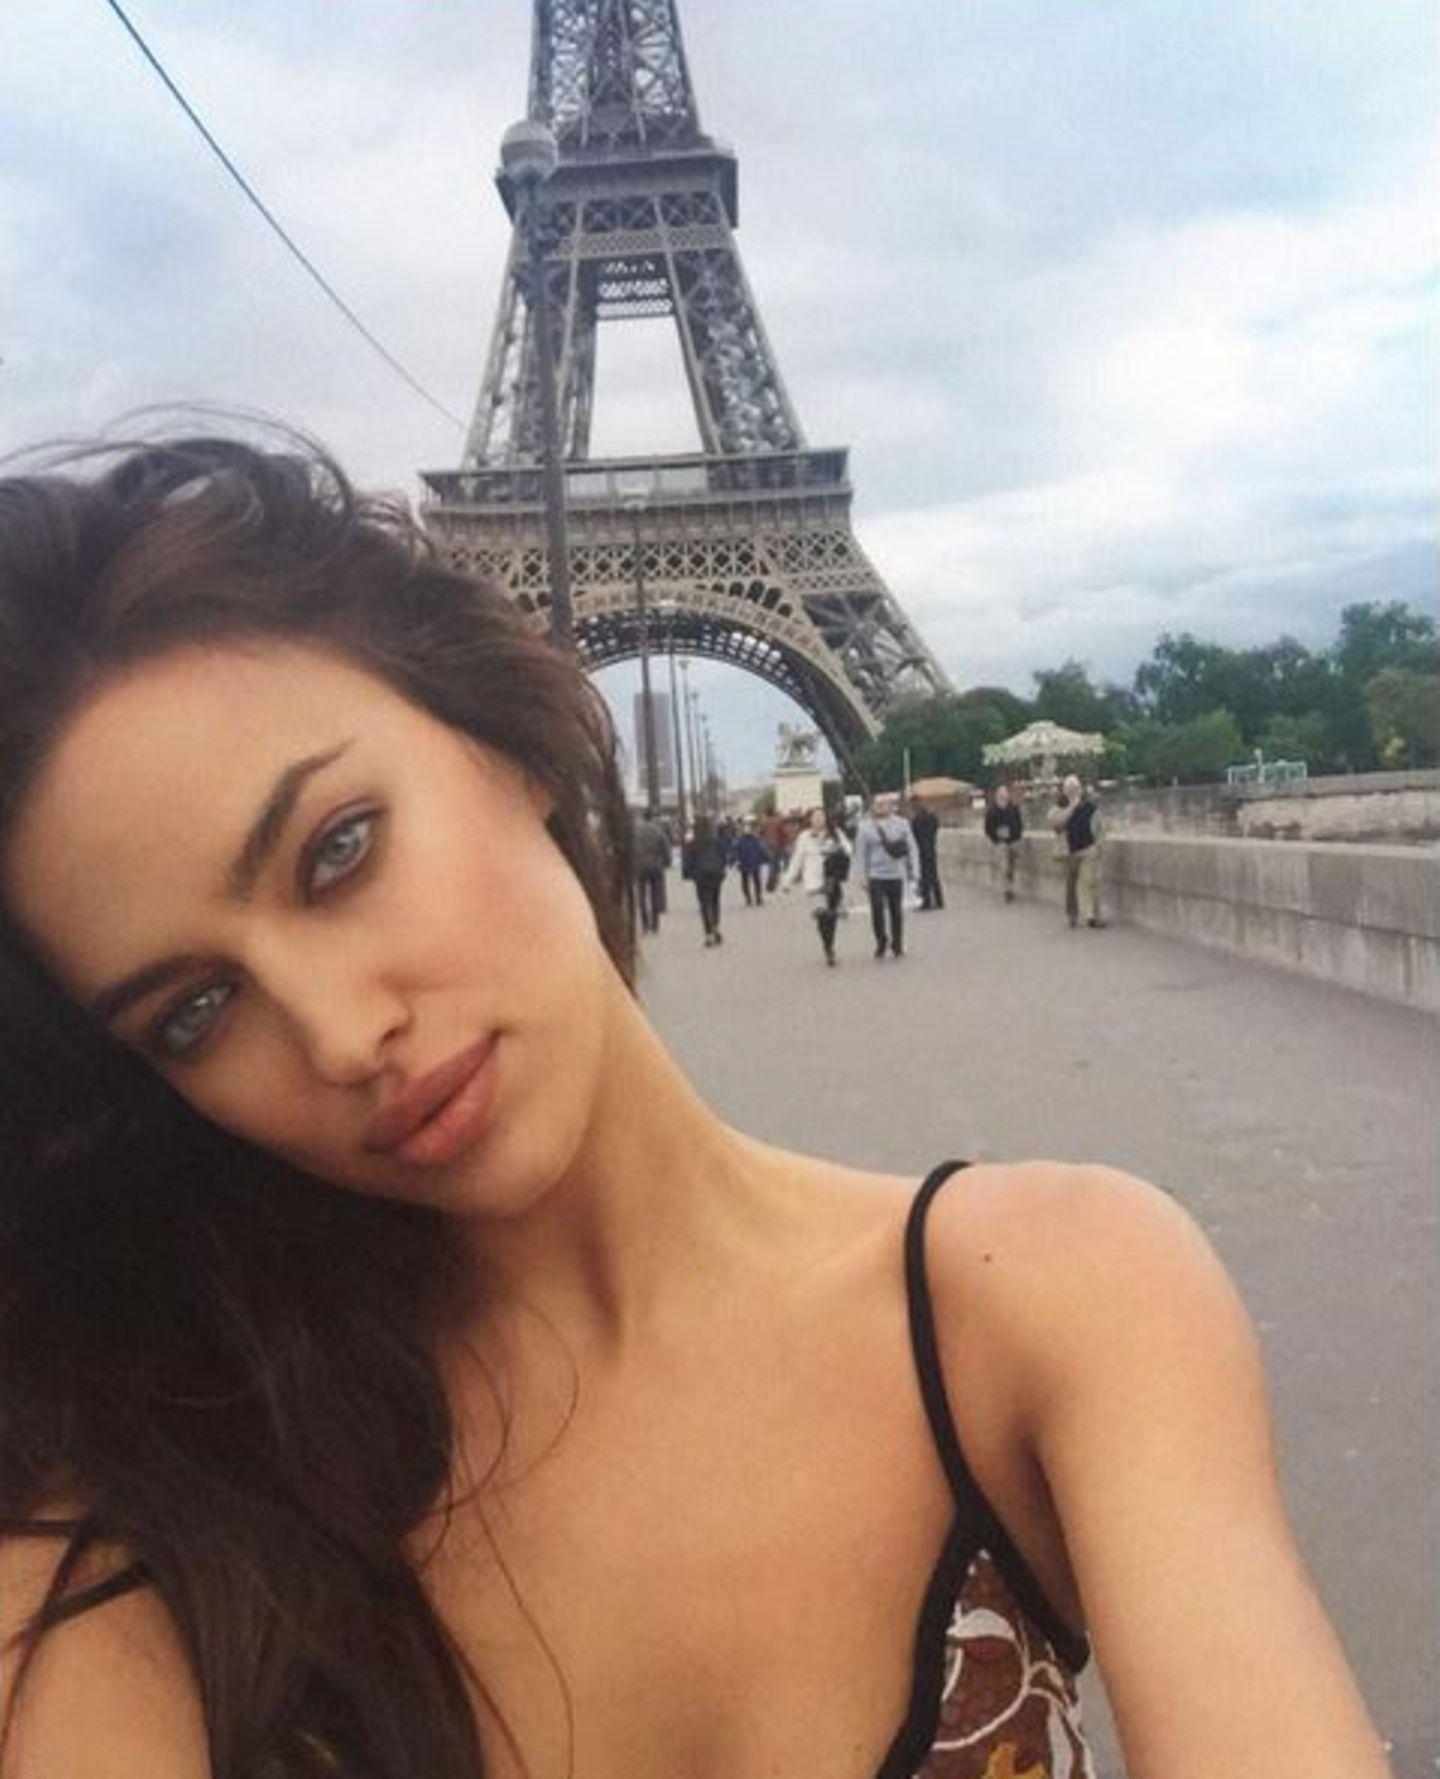 """""""Beim Üben, Tourist zu sein"""", betitelt Irina Shayk vor zwei Monaten diesen Urlaubsschnappschuss. Klingt doch ganz danach, als würde sie schon bald an diesen Ort zurückkehren, der - wie es der Zufall so will - ja auch der Ort der Liebe ist. Ob sie und Bradley hier wohl den nächsten Schritt wagen? Festtagsstimmung und Paris - einen besseren Mix für ganz große Emotionen kann es doch gar nicht geben."""